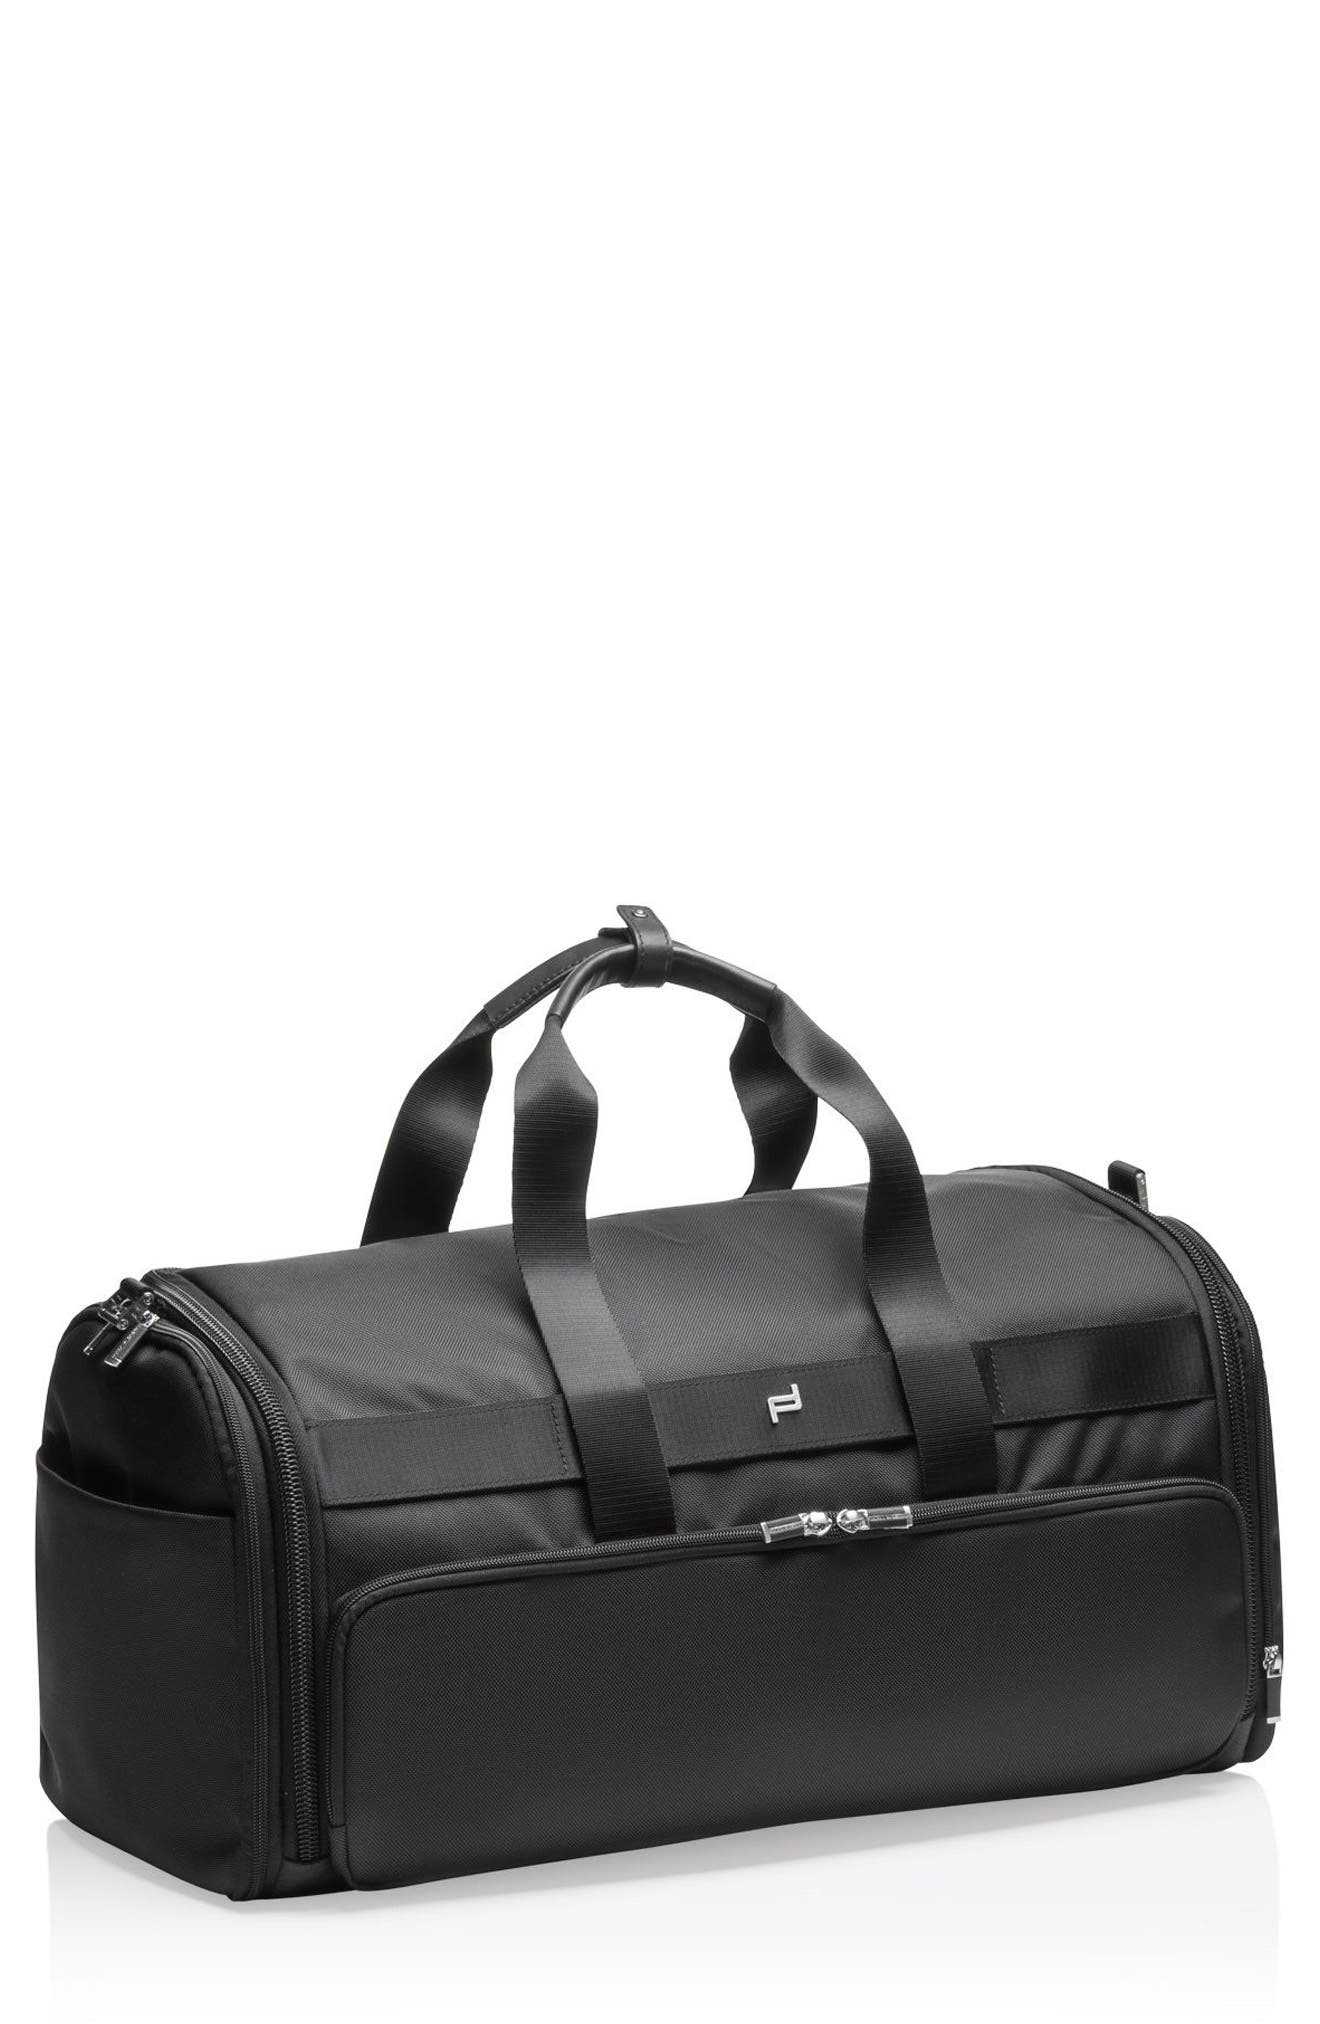 Roadster 3.0 Duffel Bag,                         Main,                         color,